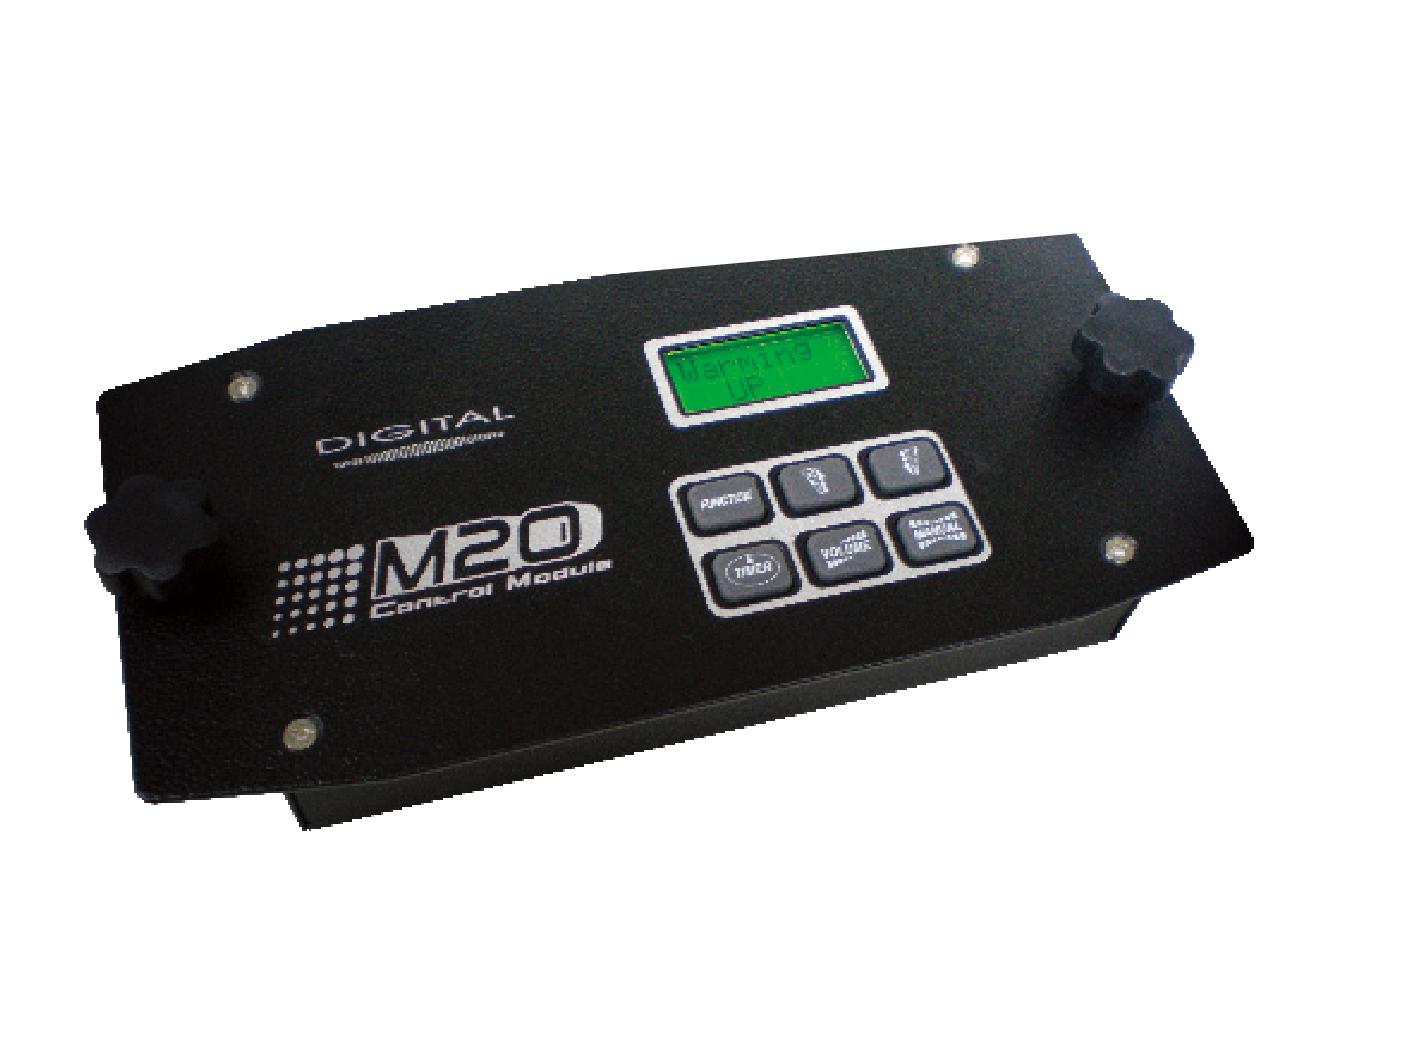 ACCESSORIES_M-20 Control Module